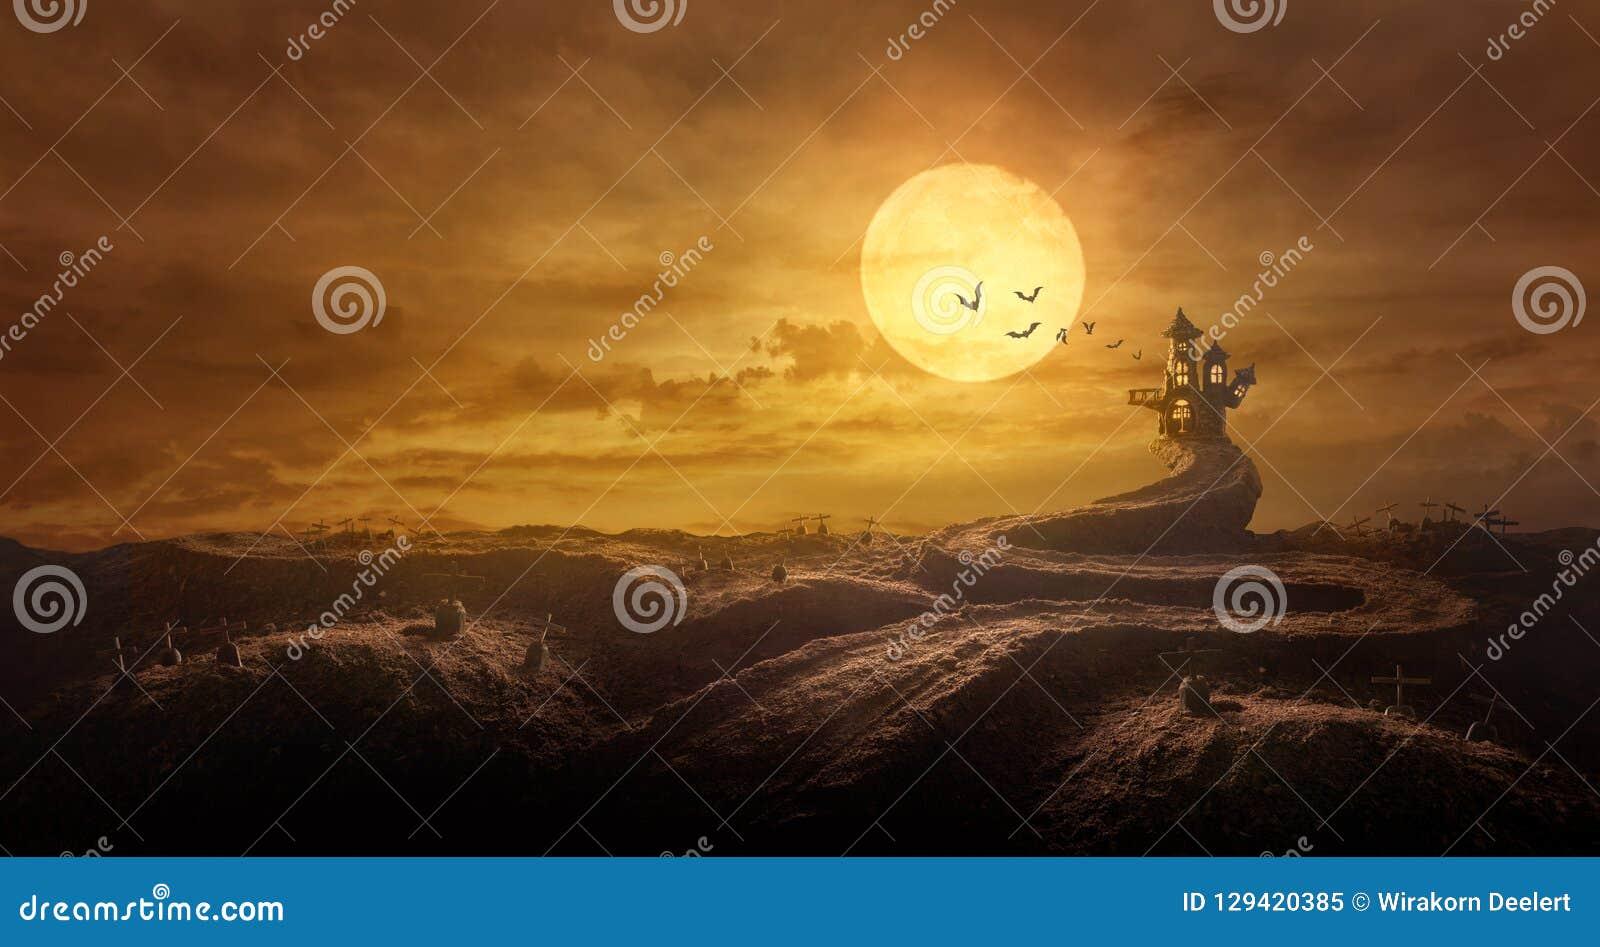 Allhelgonaaftonbakgrund till och med den sträckta väggraven som rockerar spöklikt i natt av fullmånen och slagträflyget